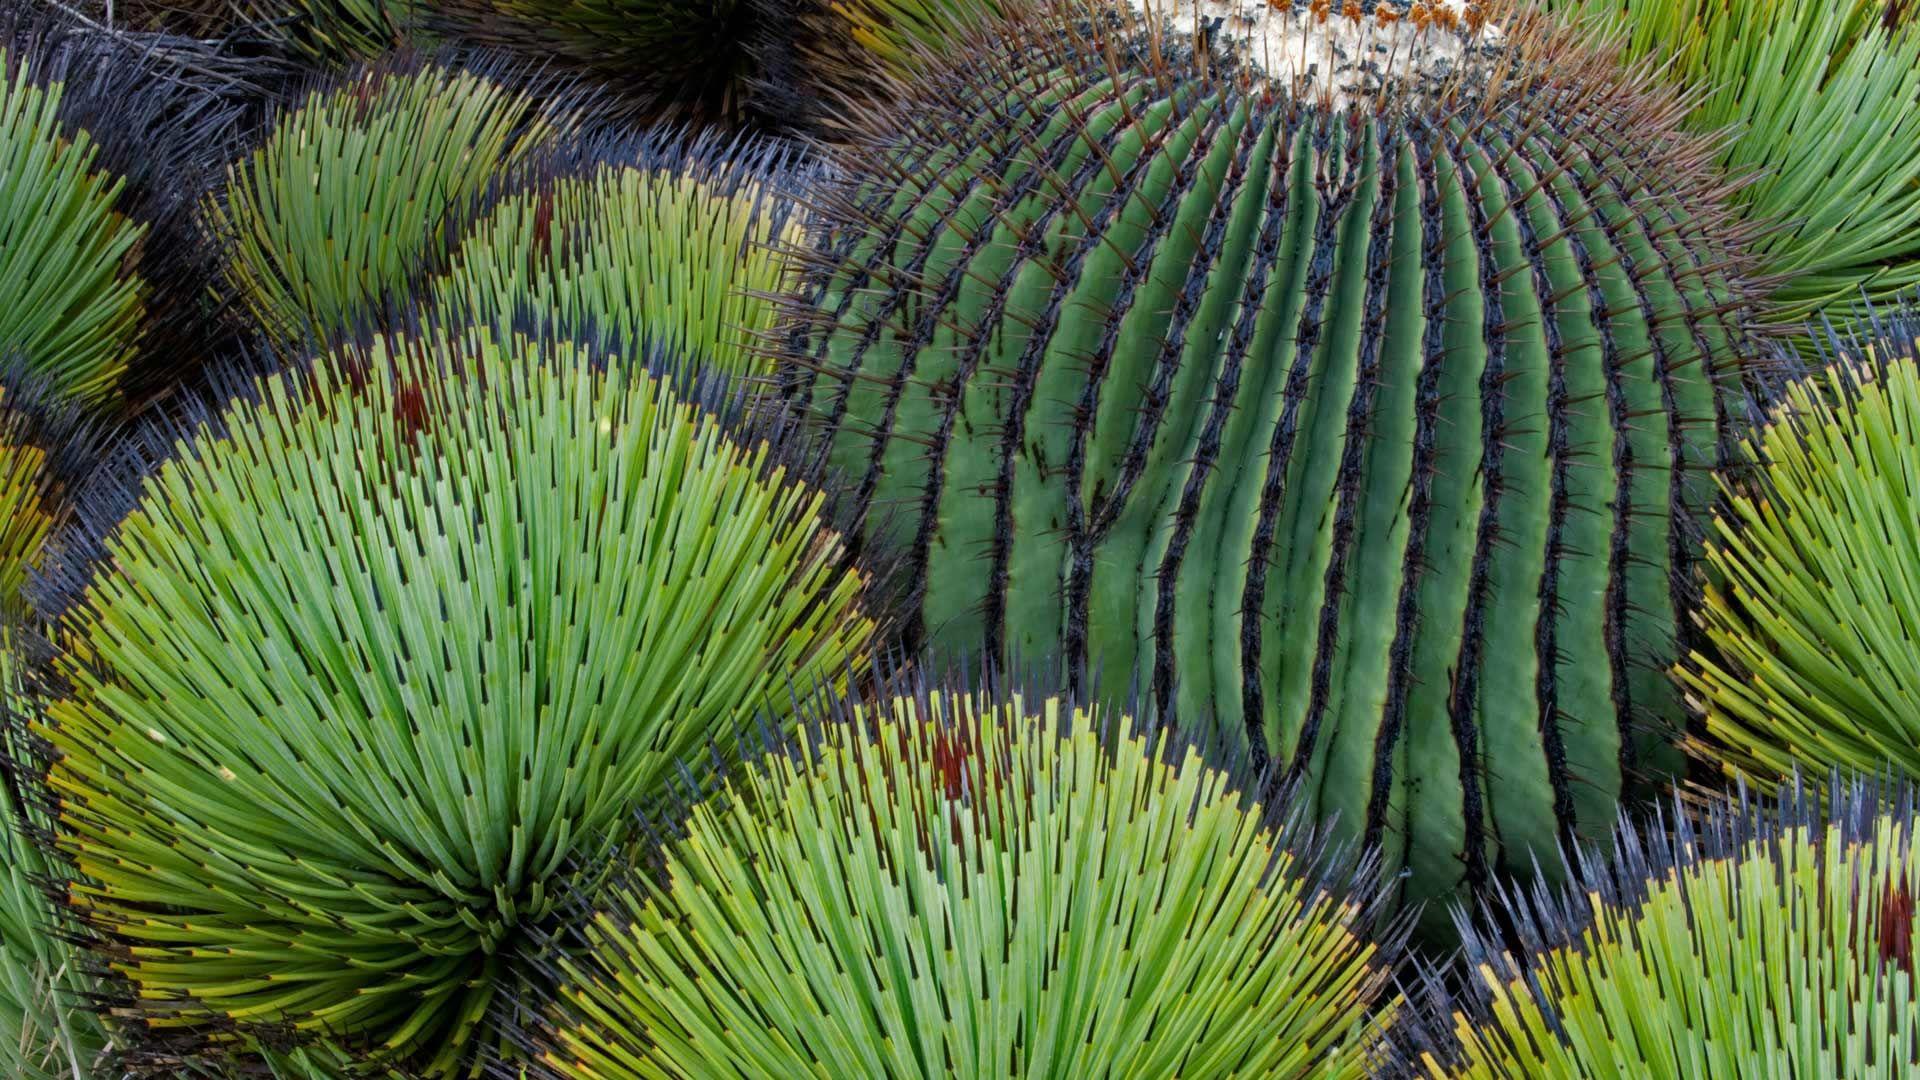 Cactus free hd wallpaper